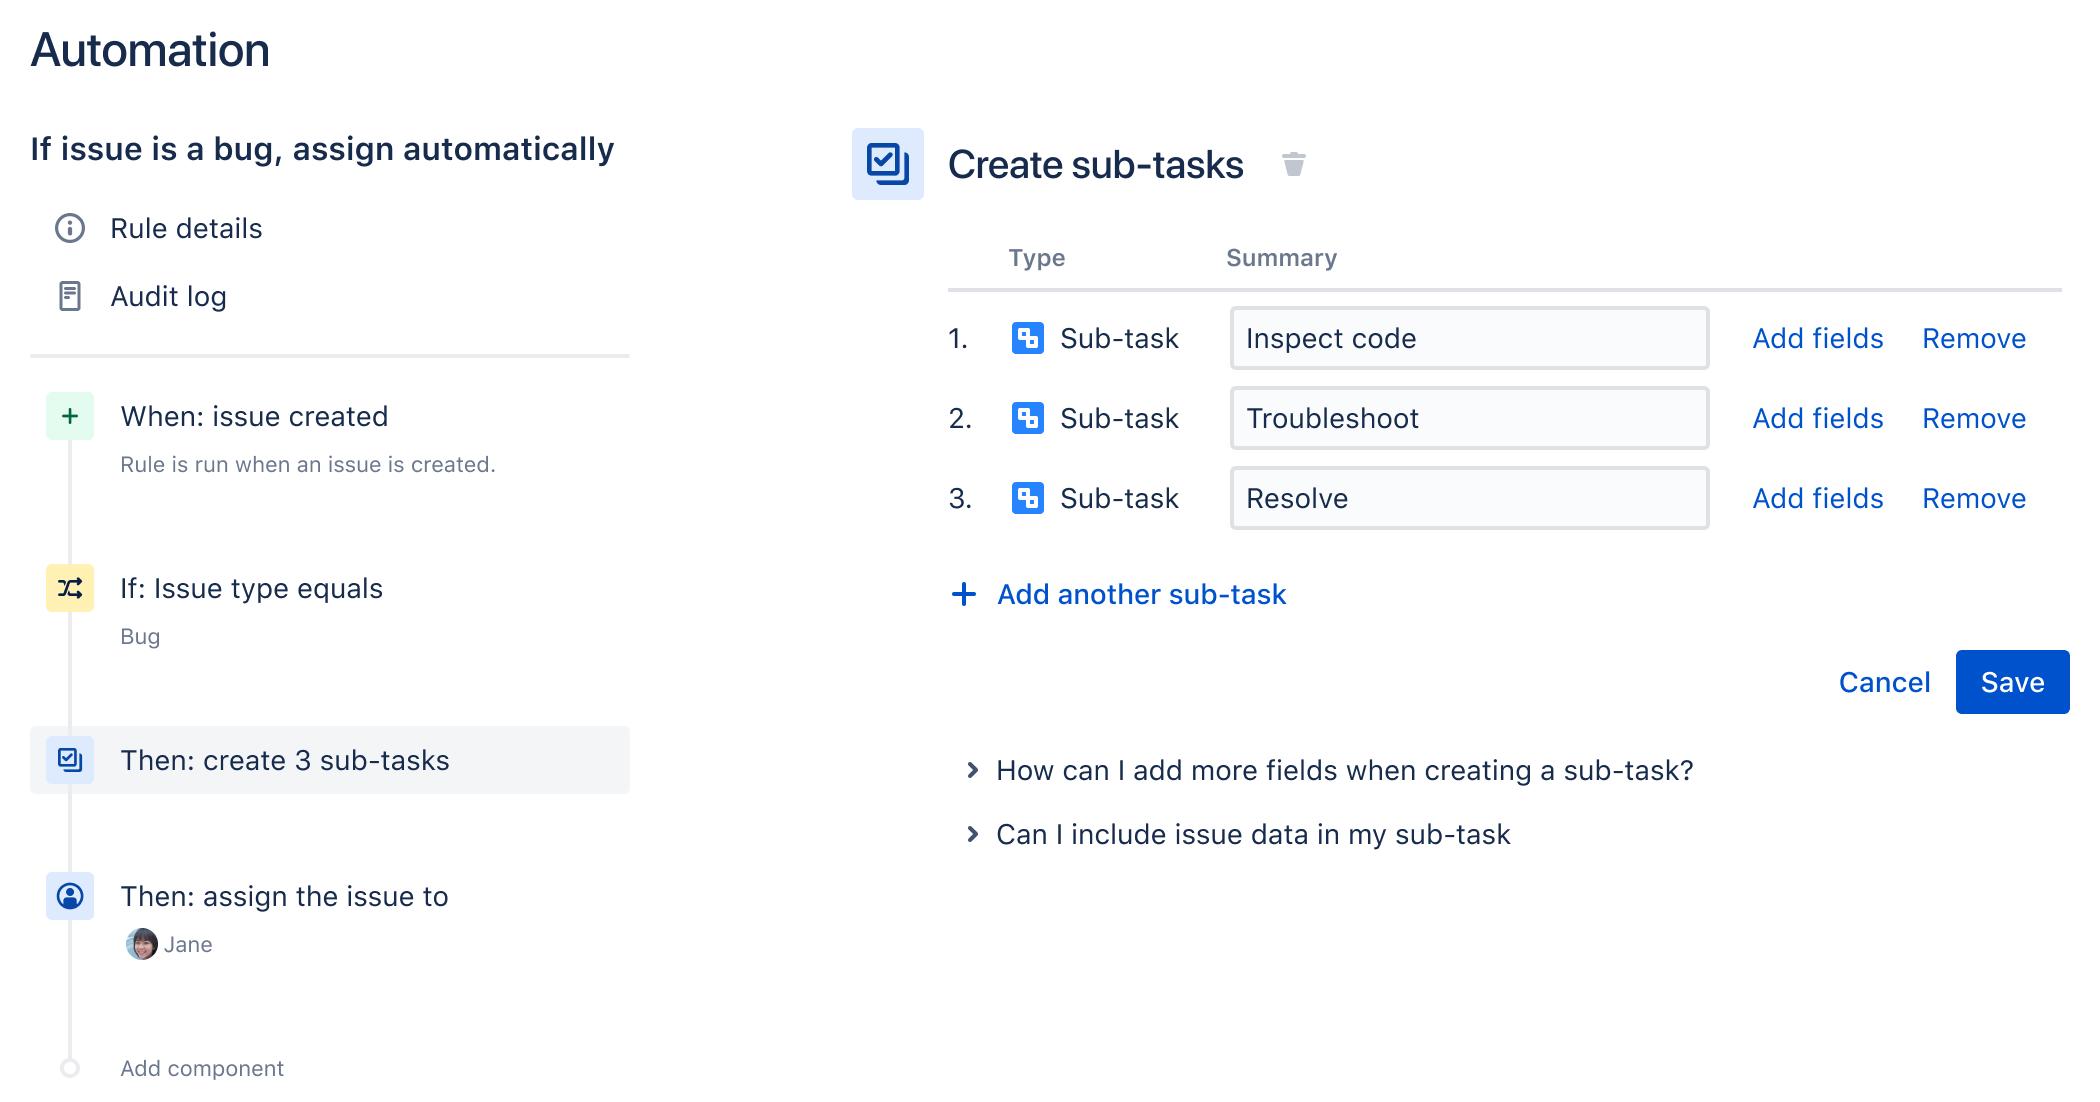 Beispiel für die Erstellung einer einfachen Regel, bei der automatisch Sub-Tasks für neue Bugs hinzugefügt und einem Benutzer zugewiesen werden.